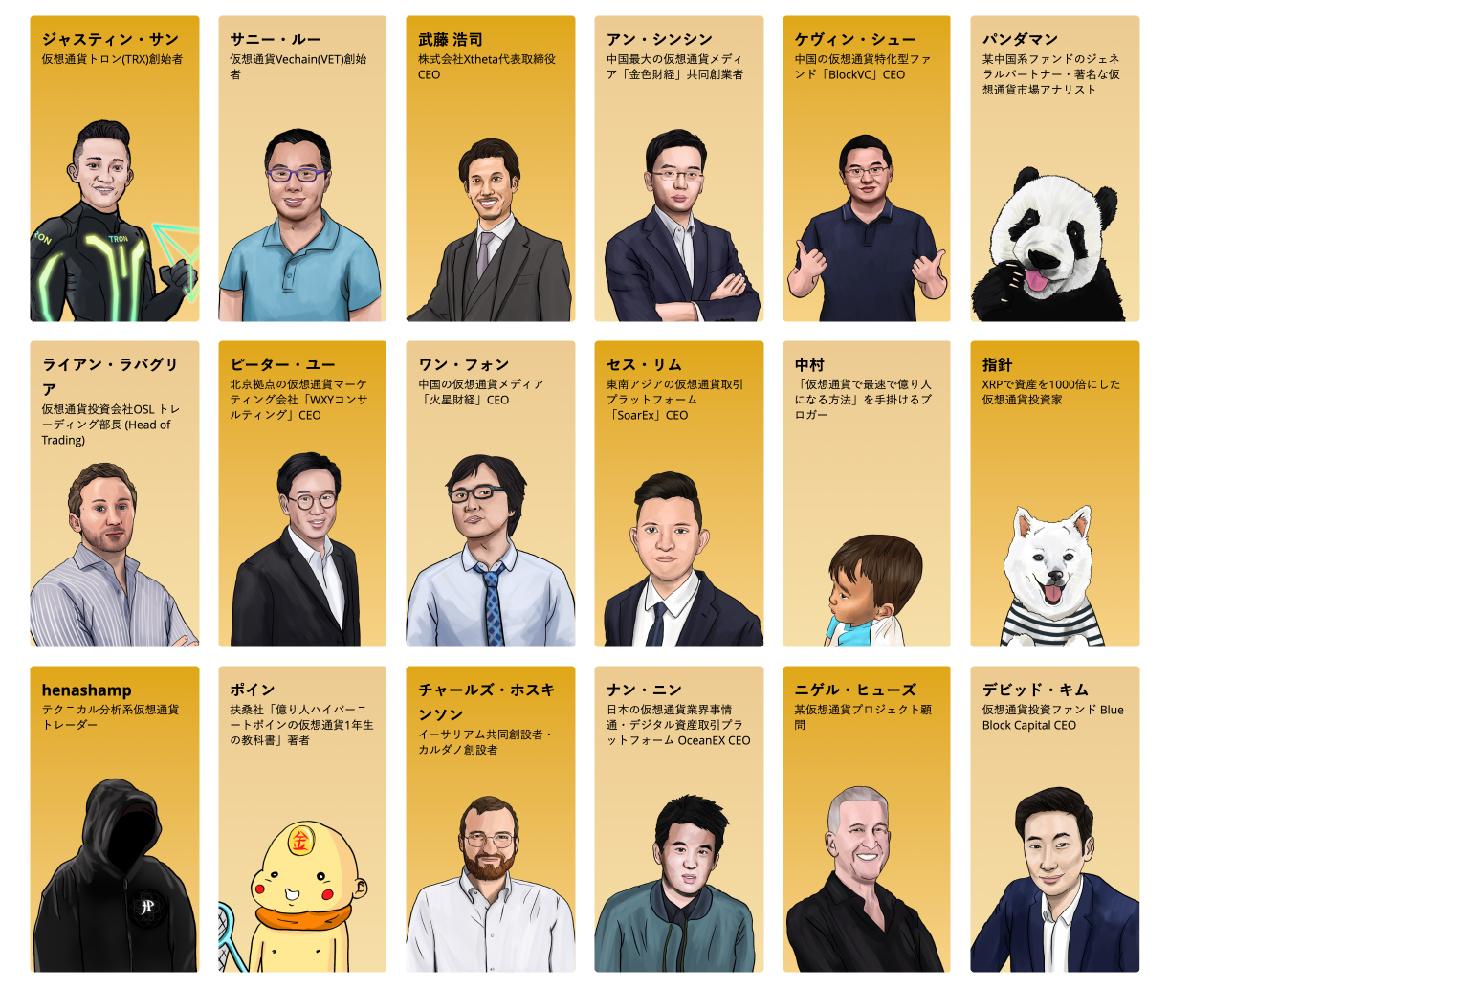 仮想通貨・ブロックチェーンの専門家part2